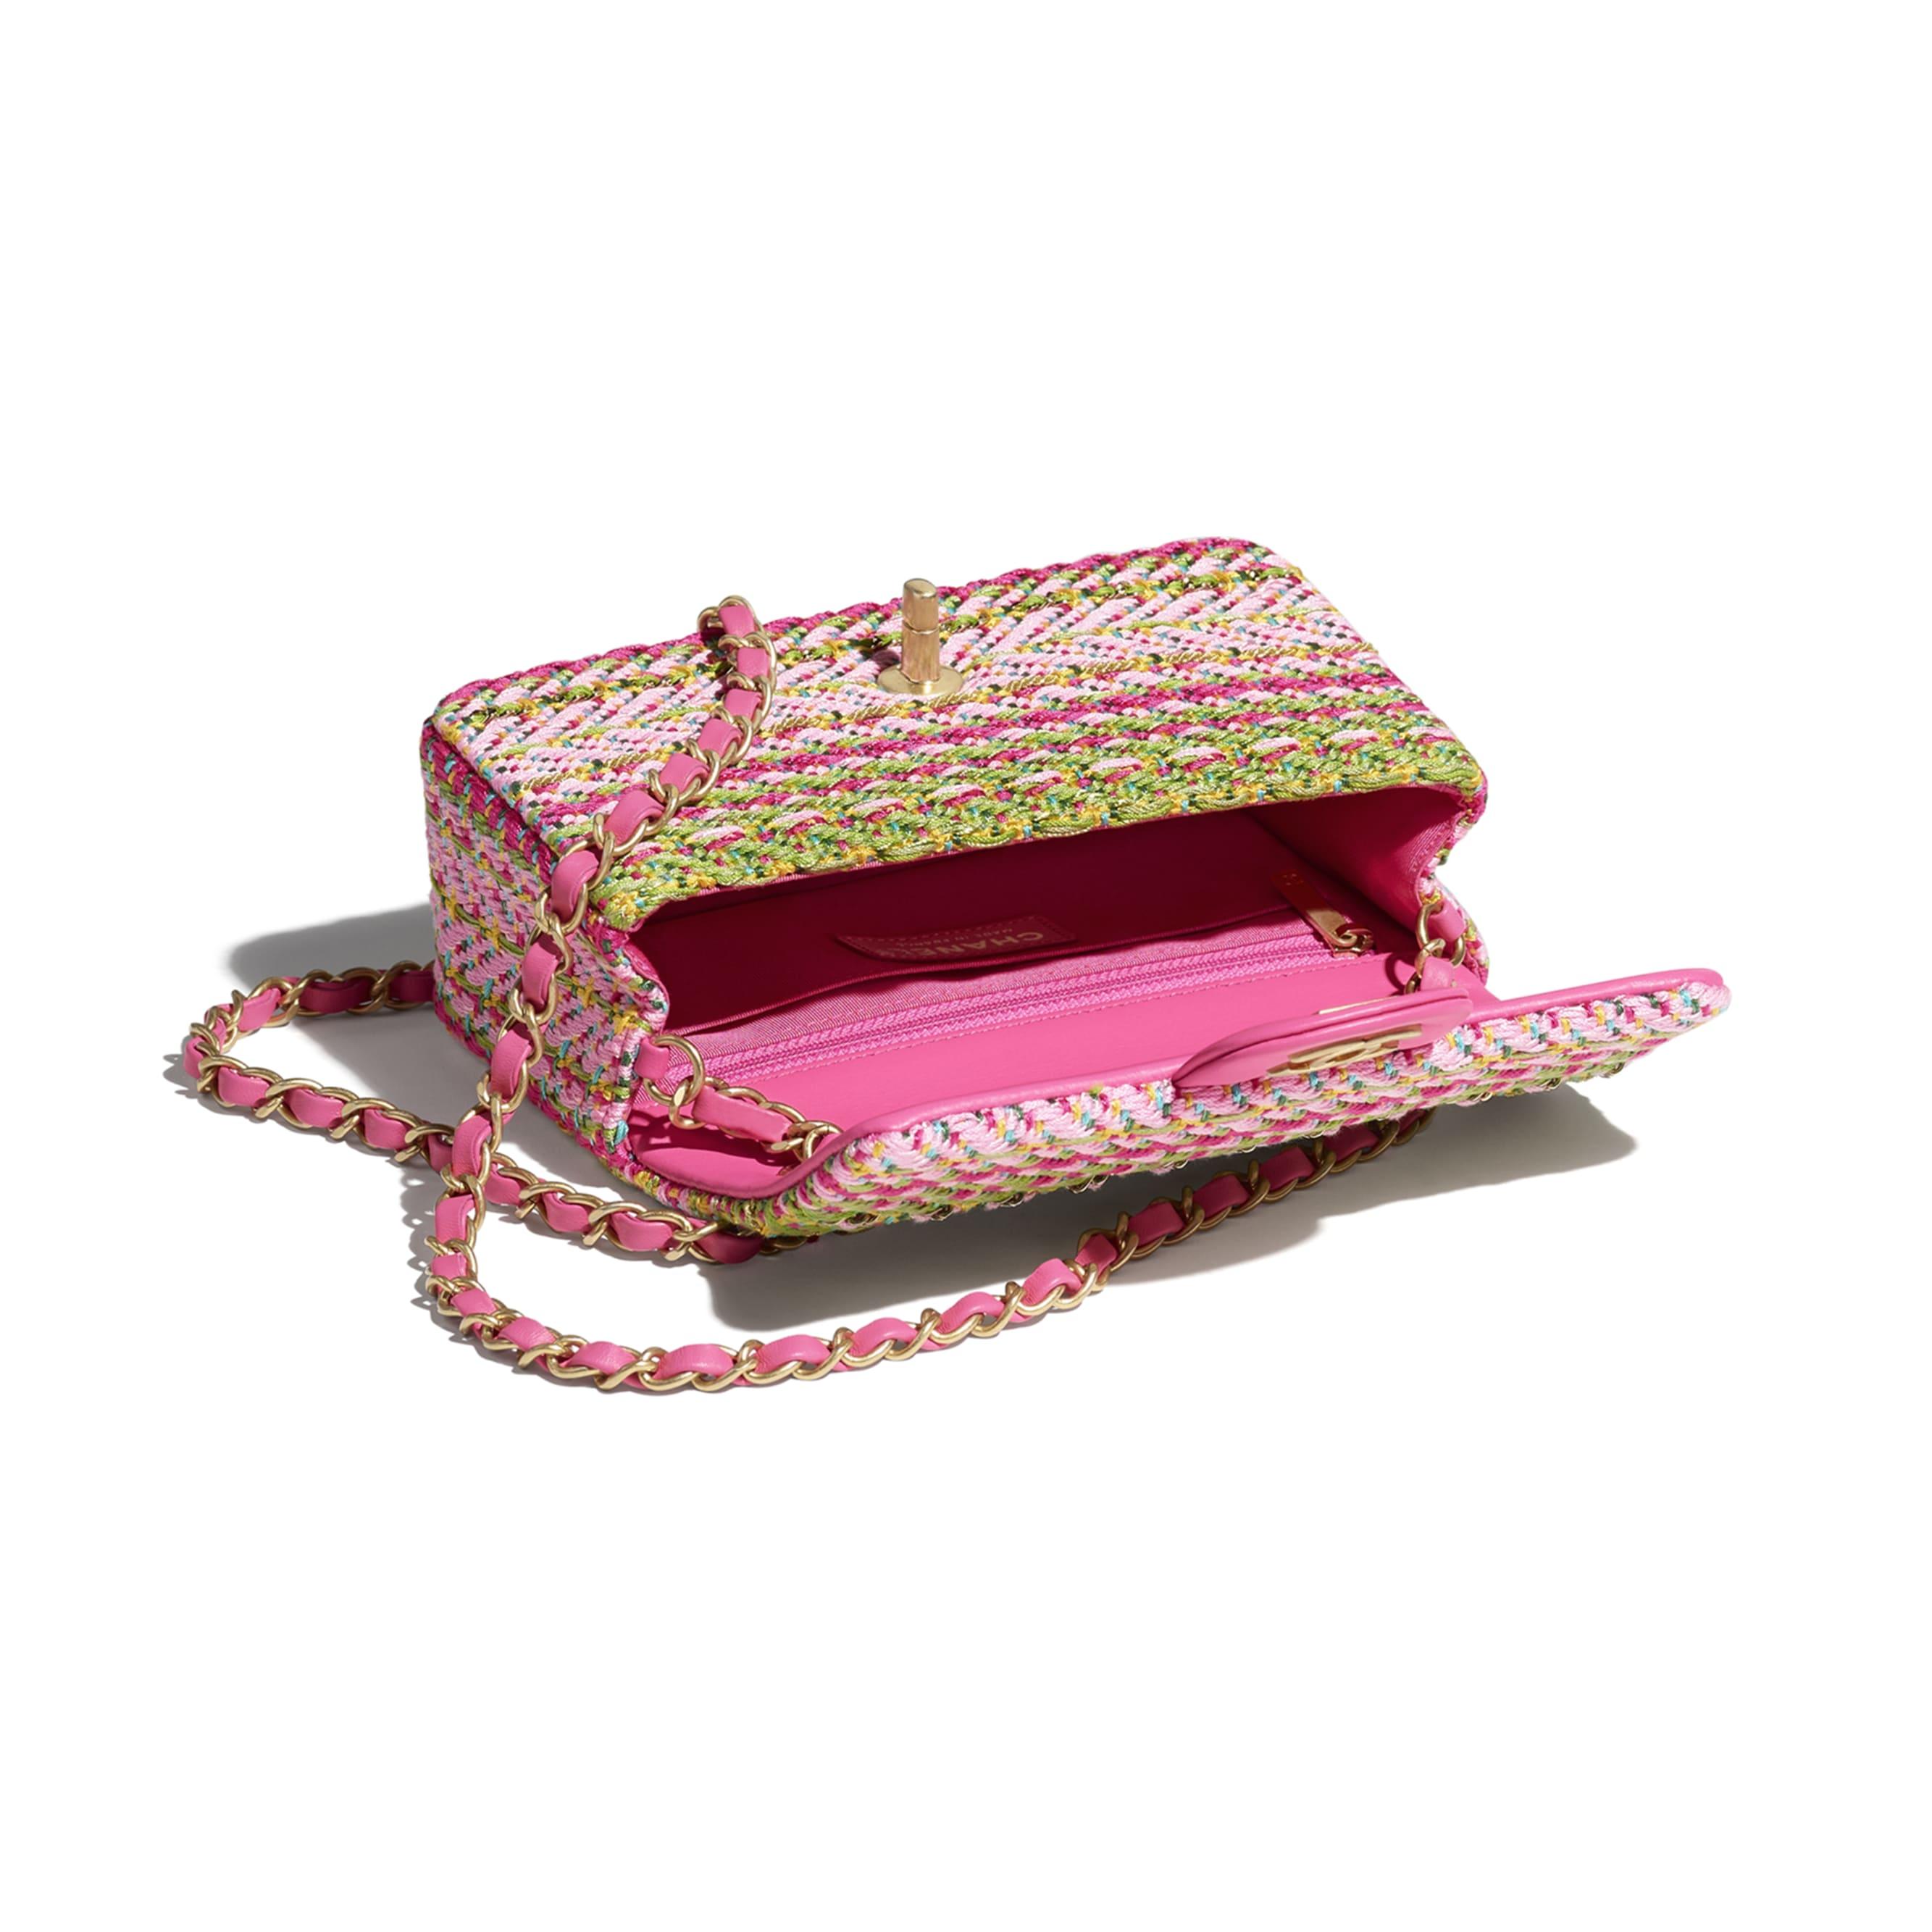 Bolsa Mini - Fúcsia, Rosa Claro, Verde, Turquesa & Amarelo - Algodão, Mix de Fibras & Metal Dourado - CHANEL - Outra vista - ver a versão em tamanho standard